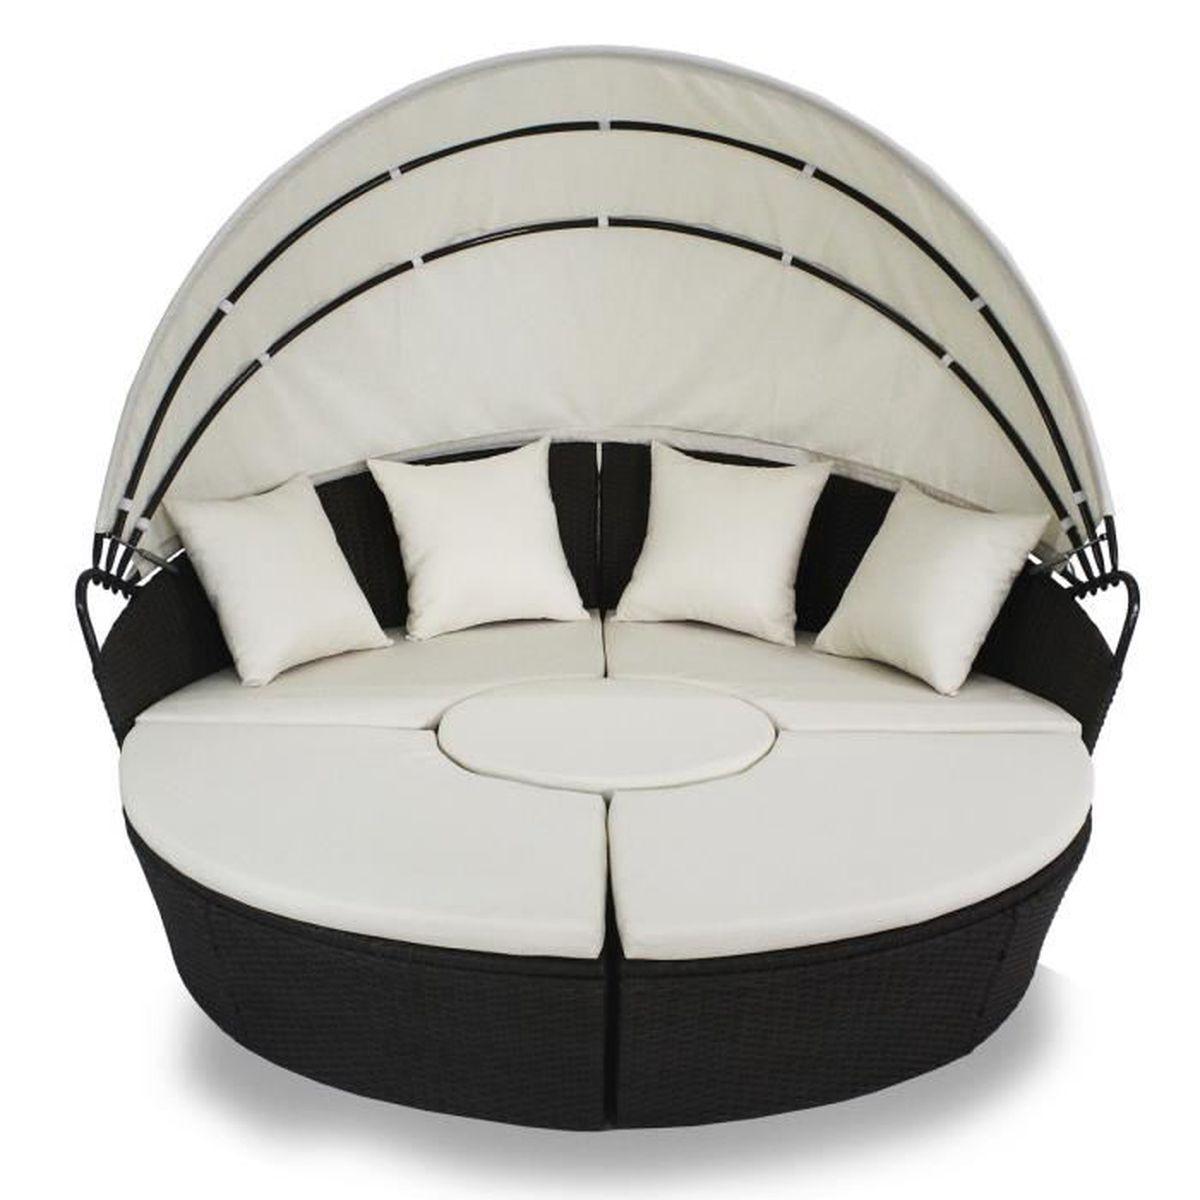 Canape lit de jardin - Achat / Vente Canape lit de jardin pas cher ...